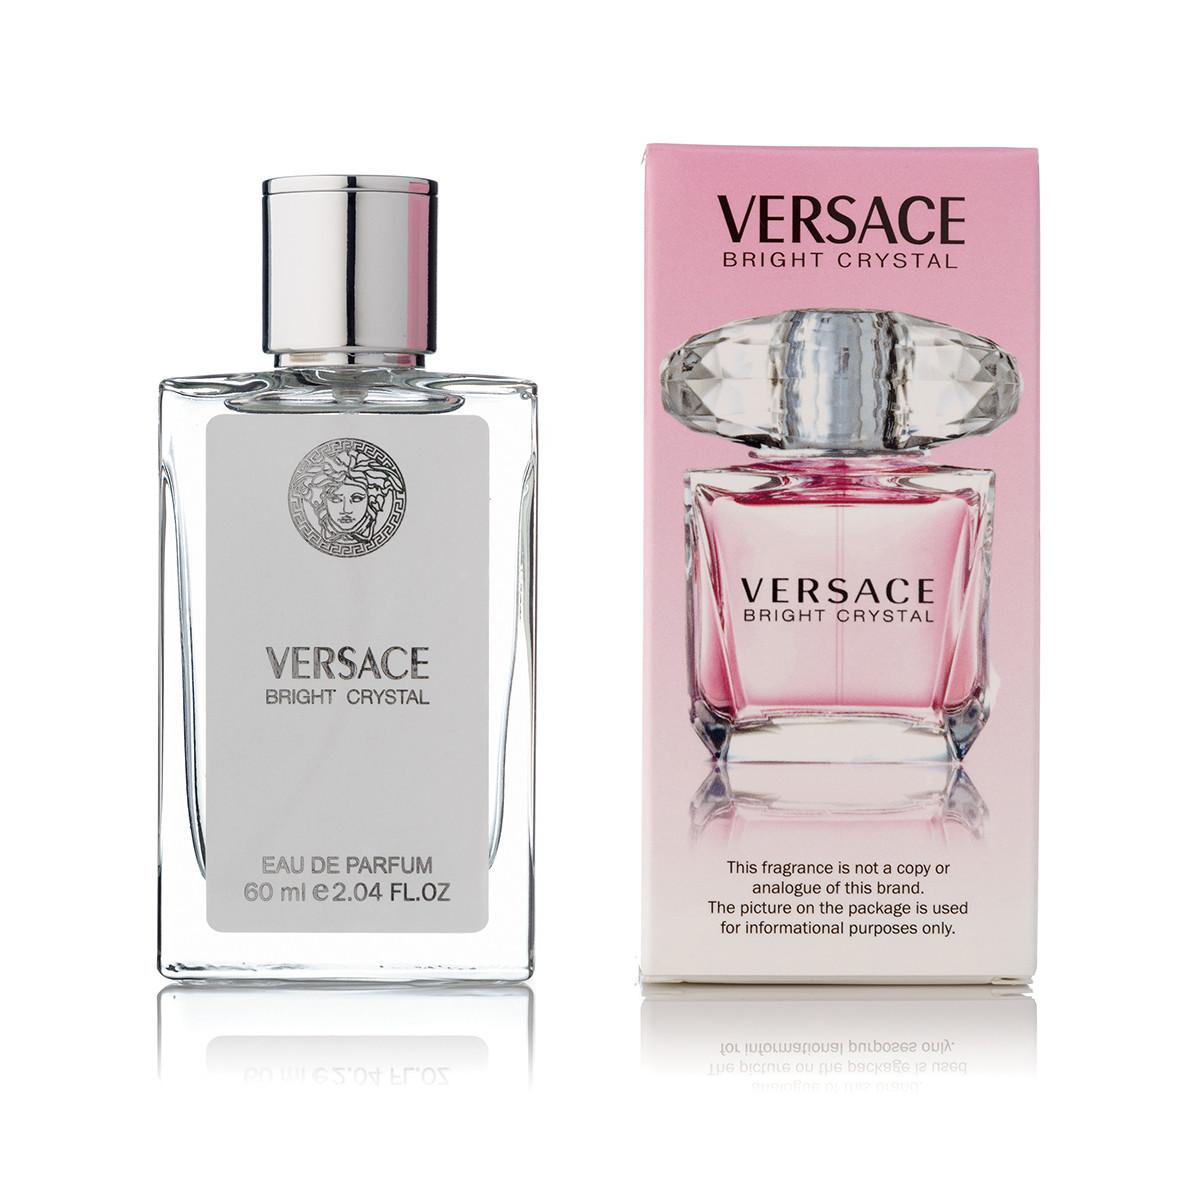 Женский парфюм Versace Bright Crystal (версаче брайт кристалл) тестер 60 ml в цветной упаковке (реплика)